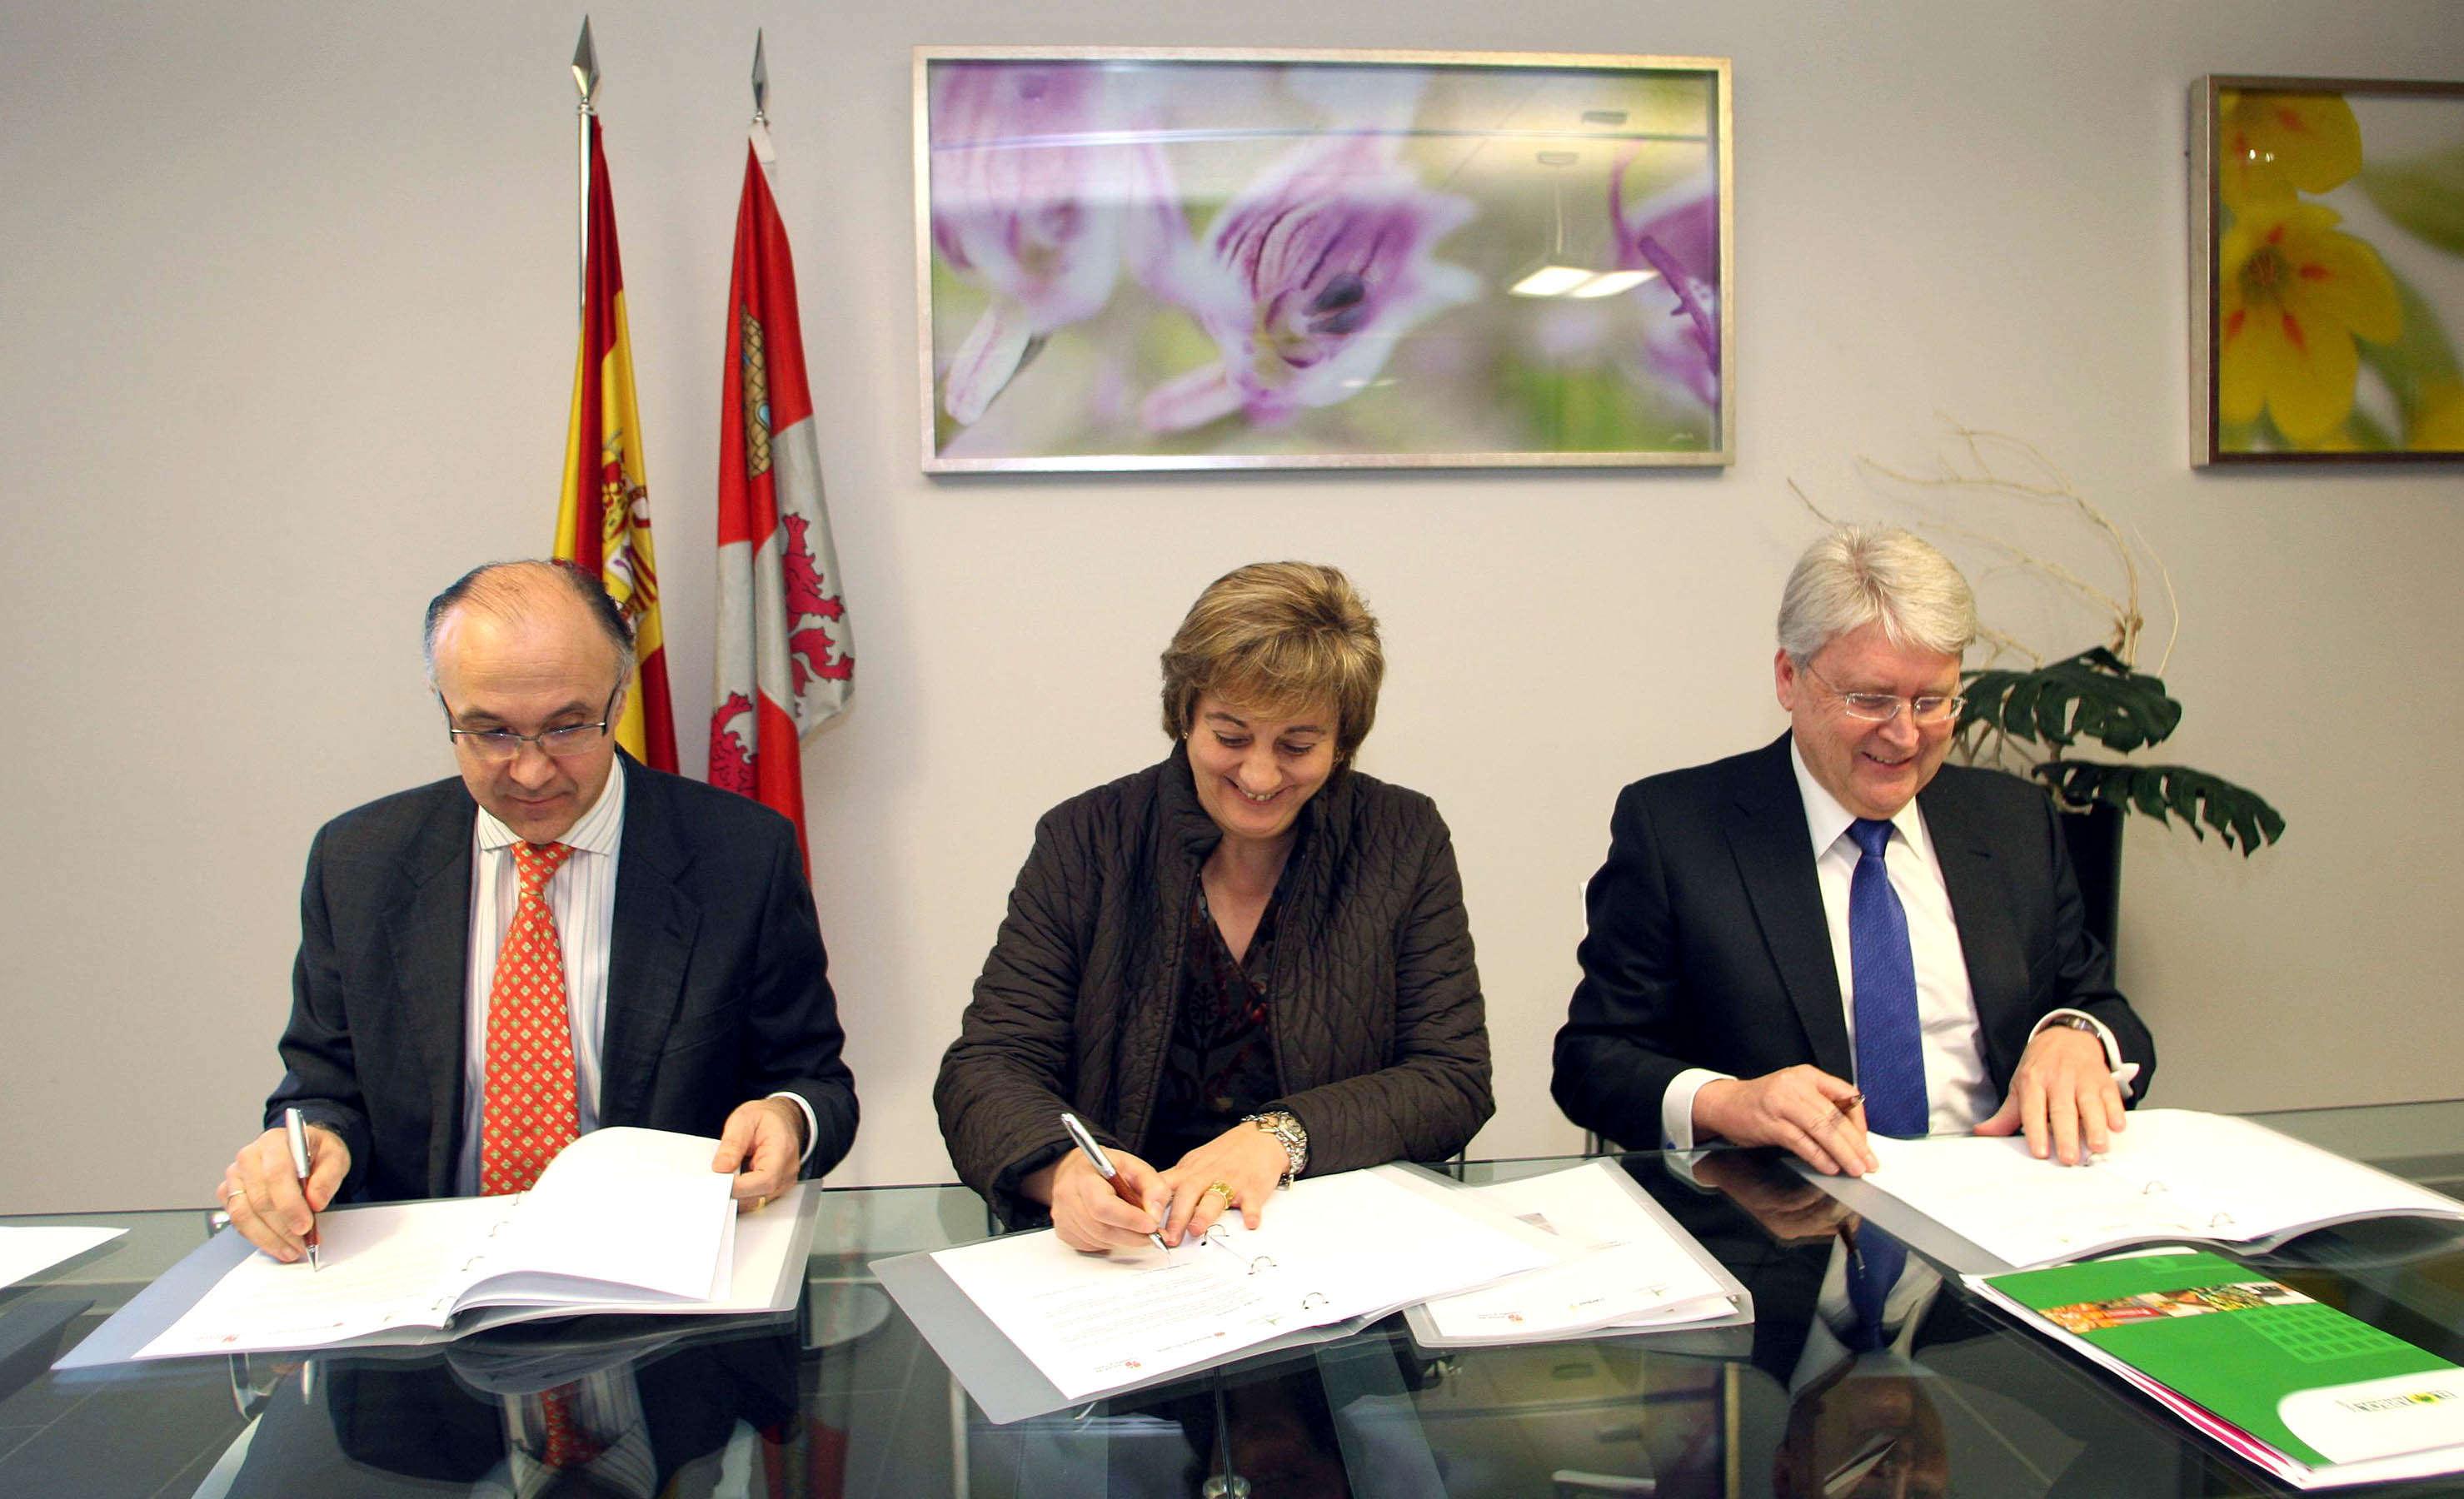 La Consejera de Medio Ambiente junto con el Presidente de la Diputación y el Consejero Delegado de El Árbol